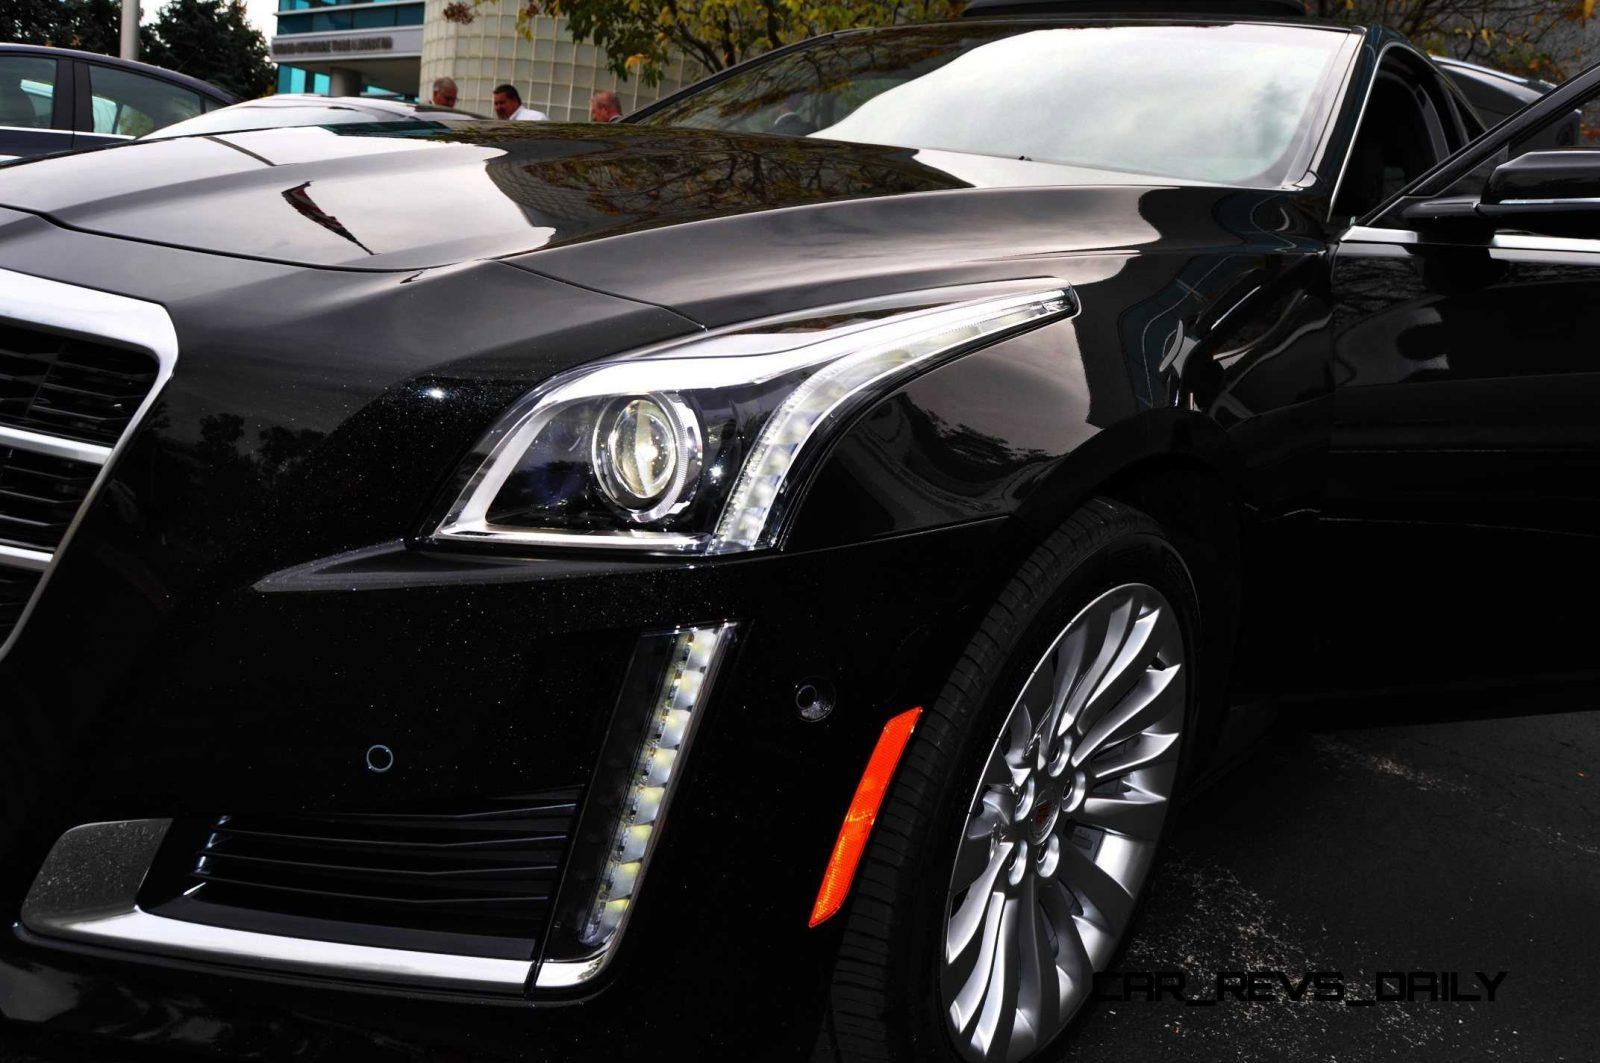 111111111126 2014 Cadillac CTS4 2